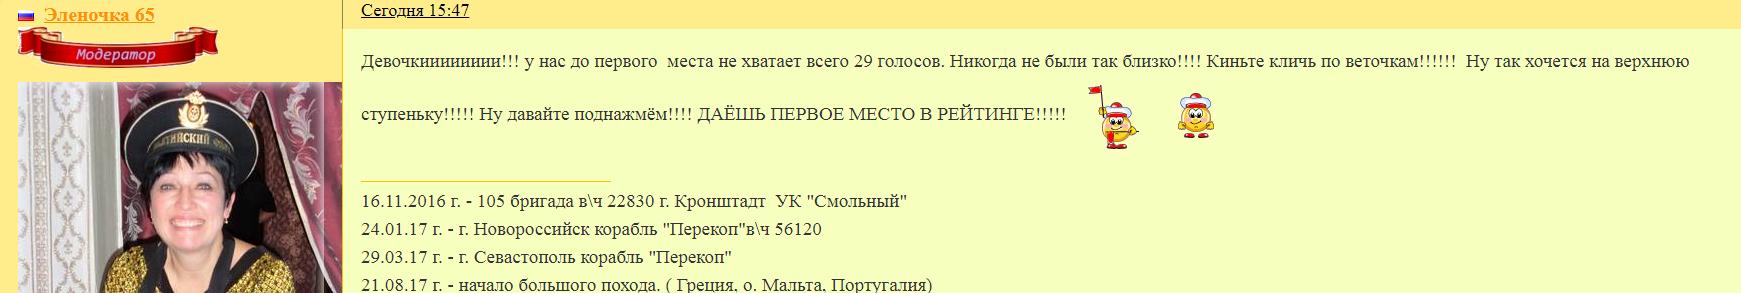 http://s8.uploads.ru/br7An.png